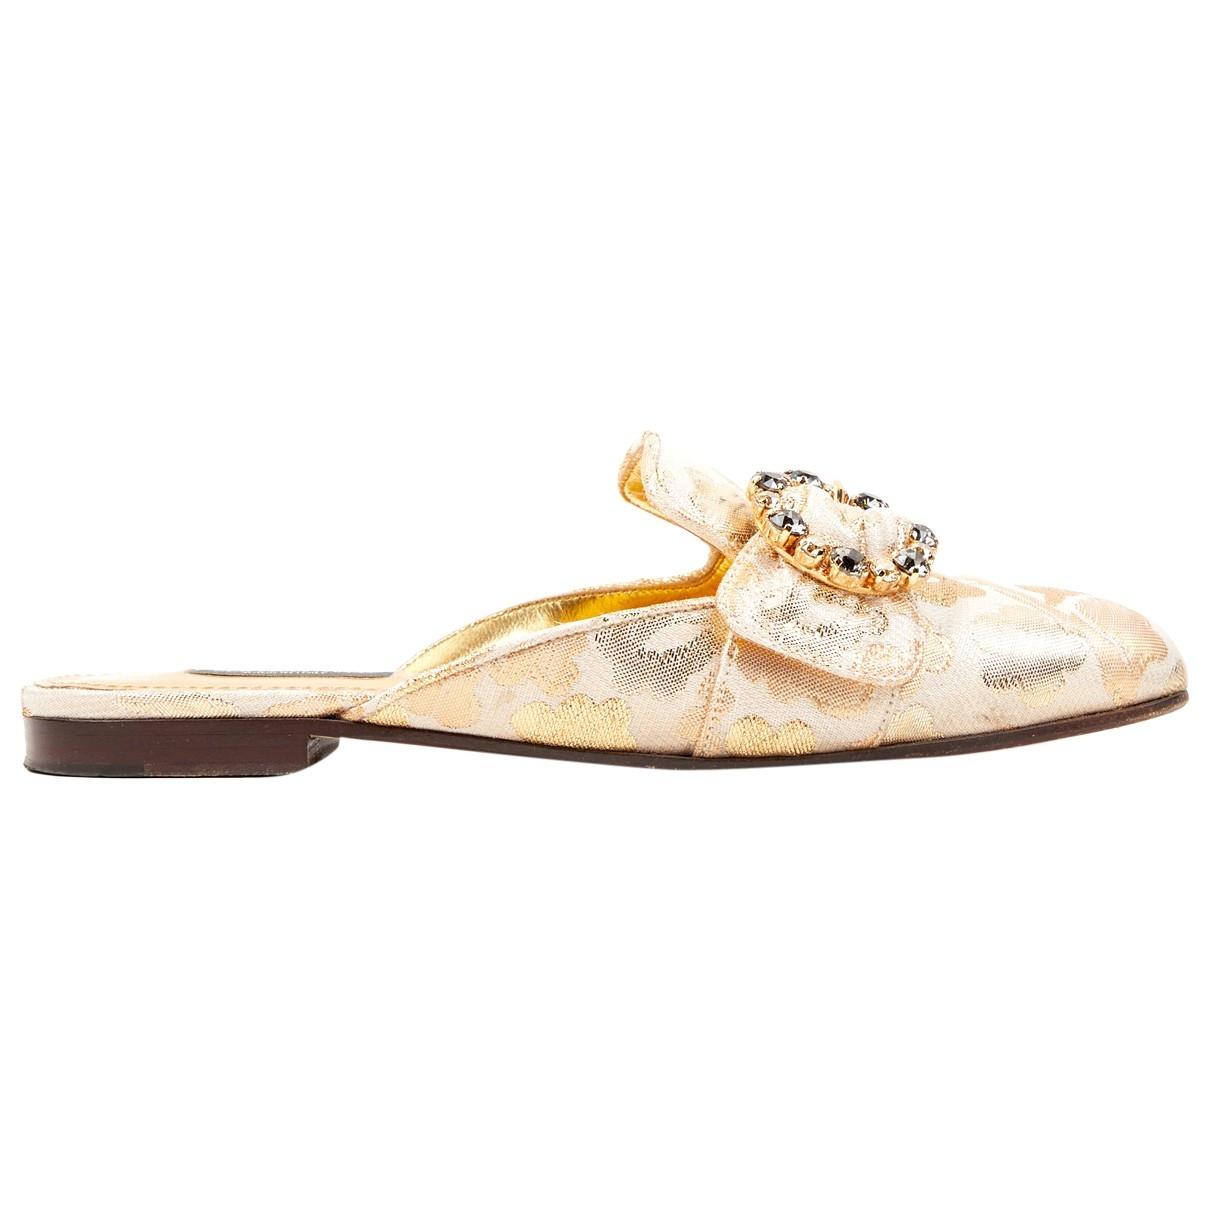 Dolce & Gabbana \N Gold Cloth Mules & Clogs for Women 36.5 EU